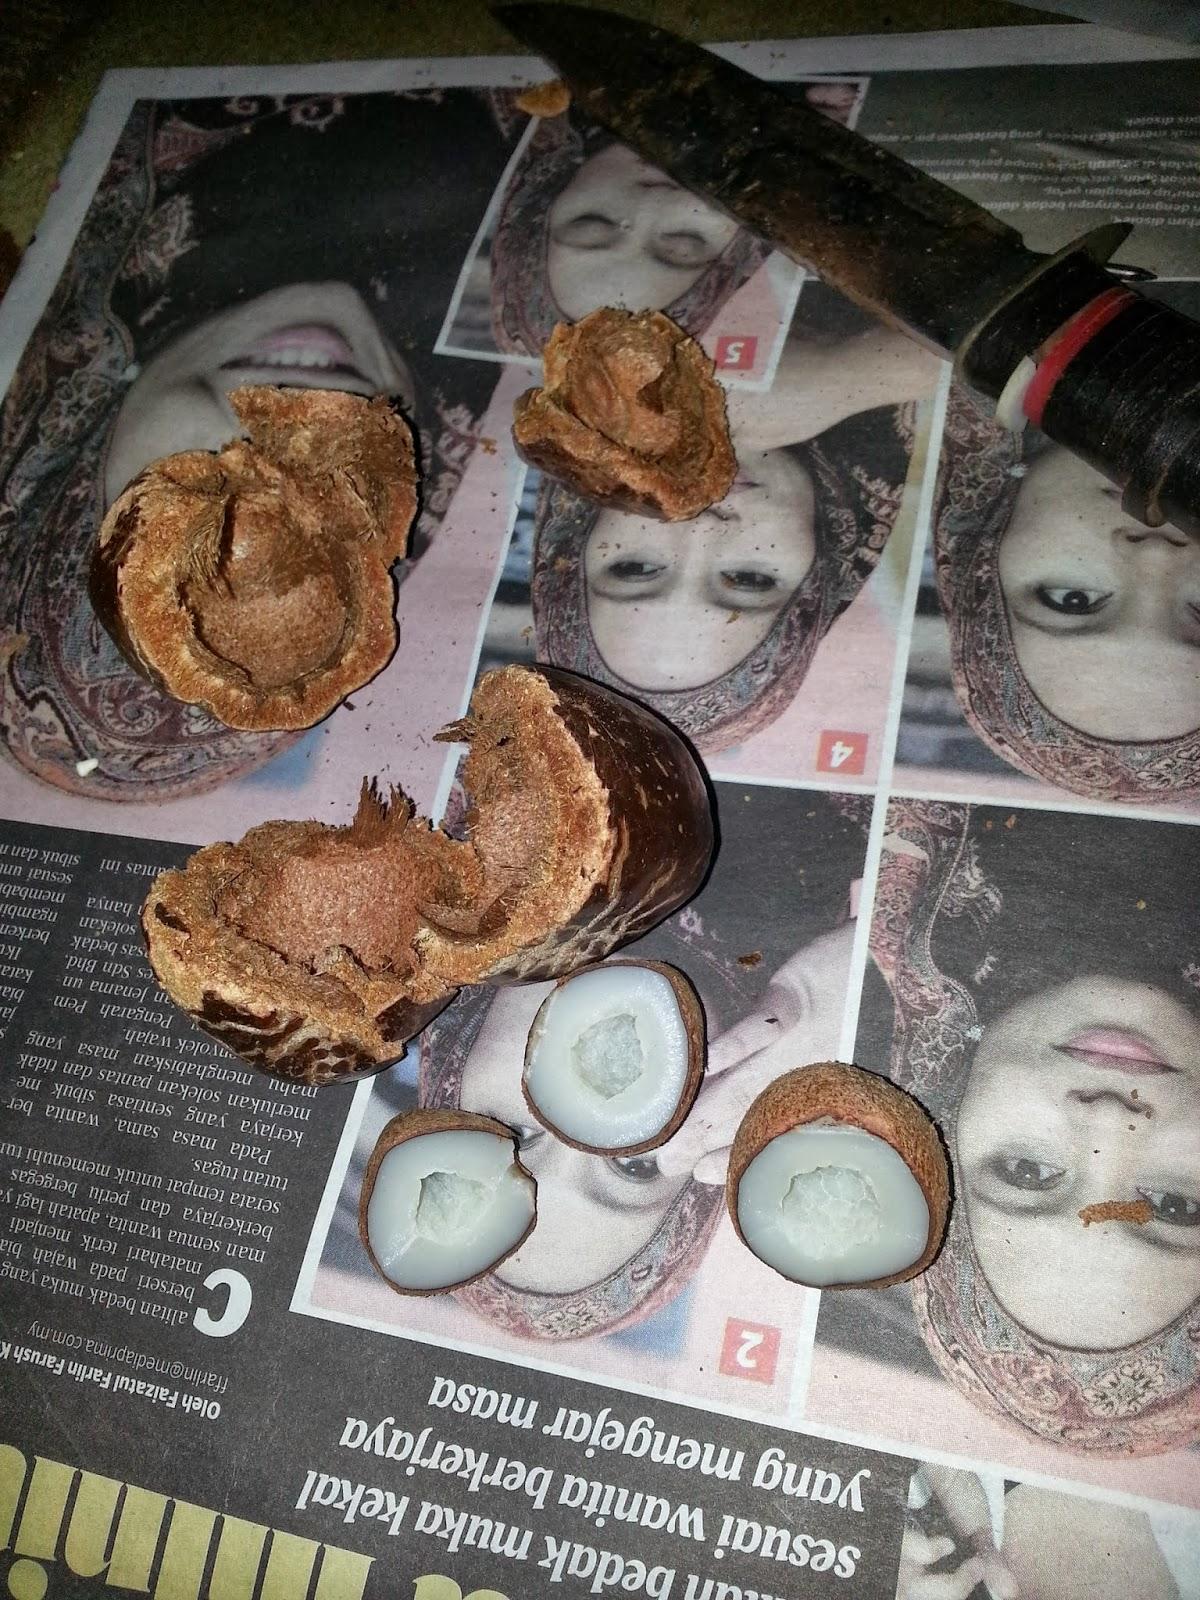 http://rinazainal6032.blogspot.com